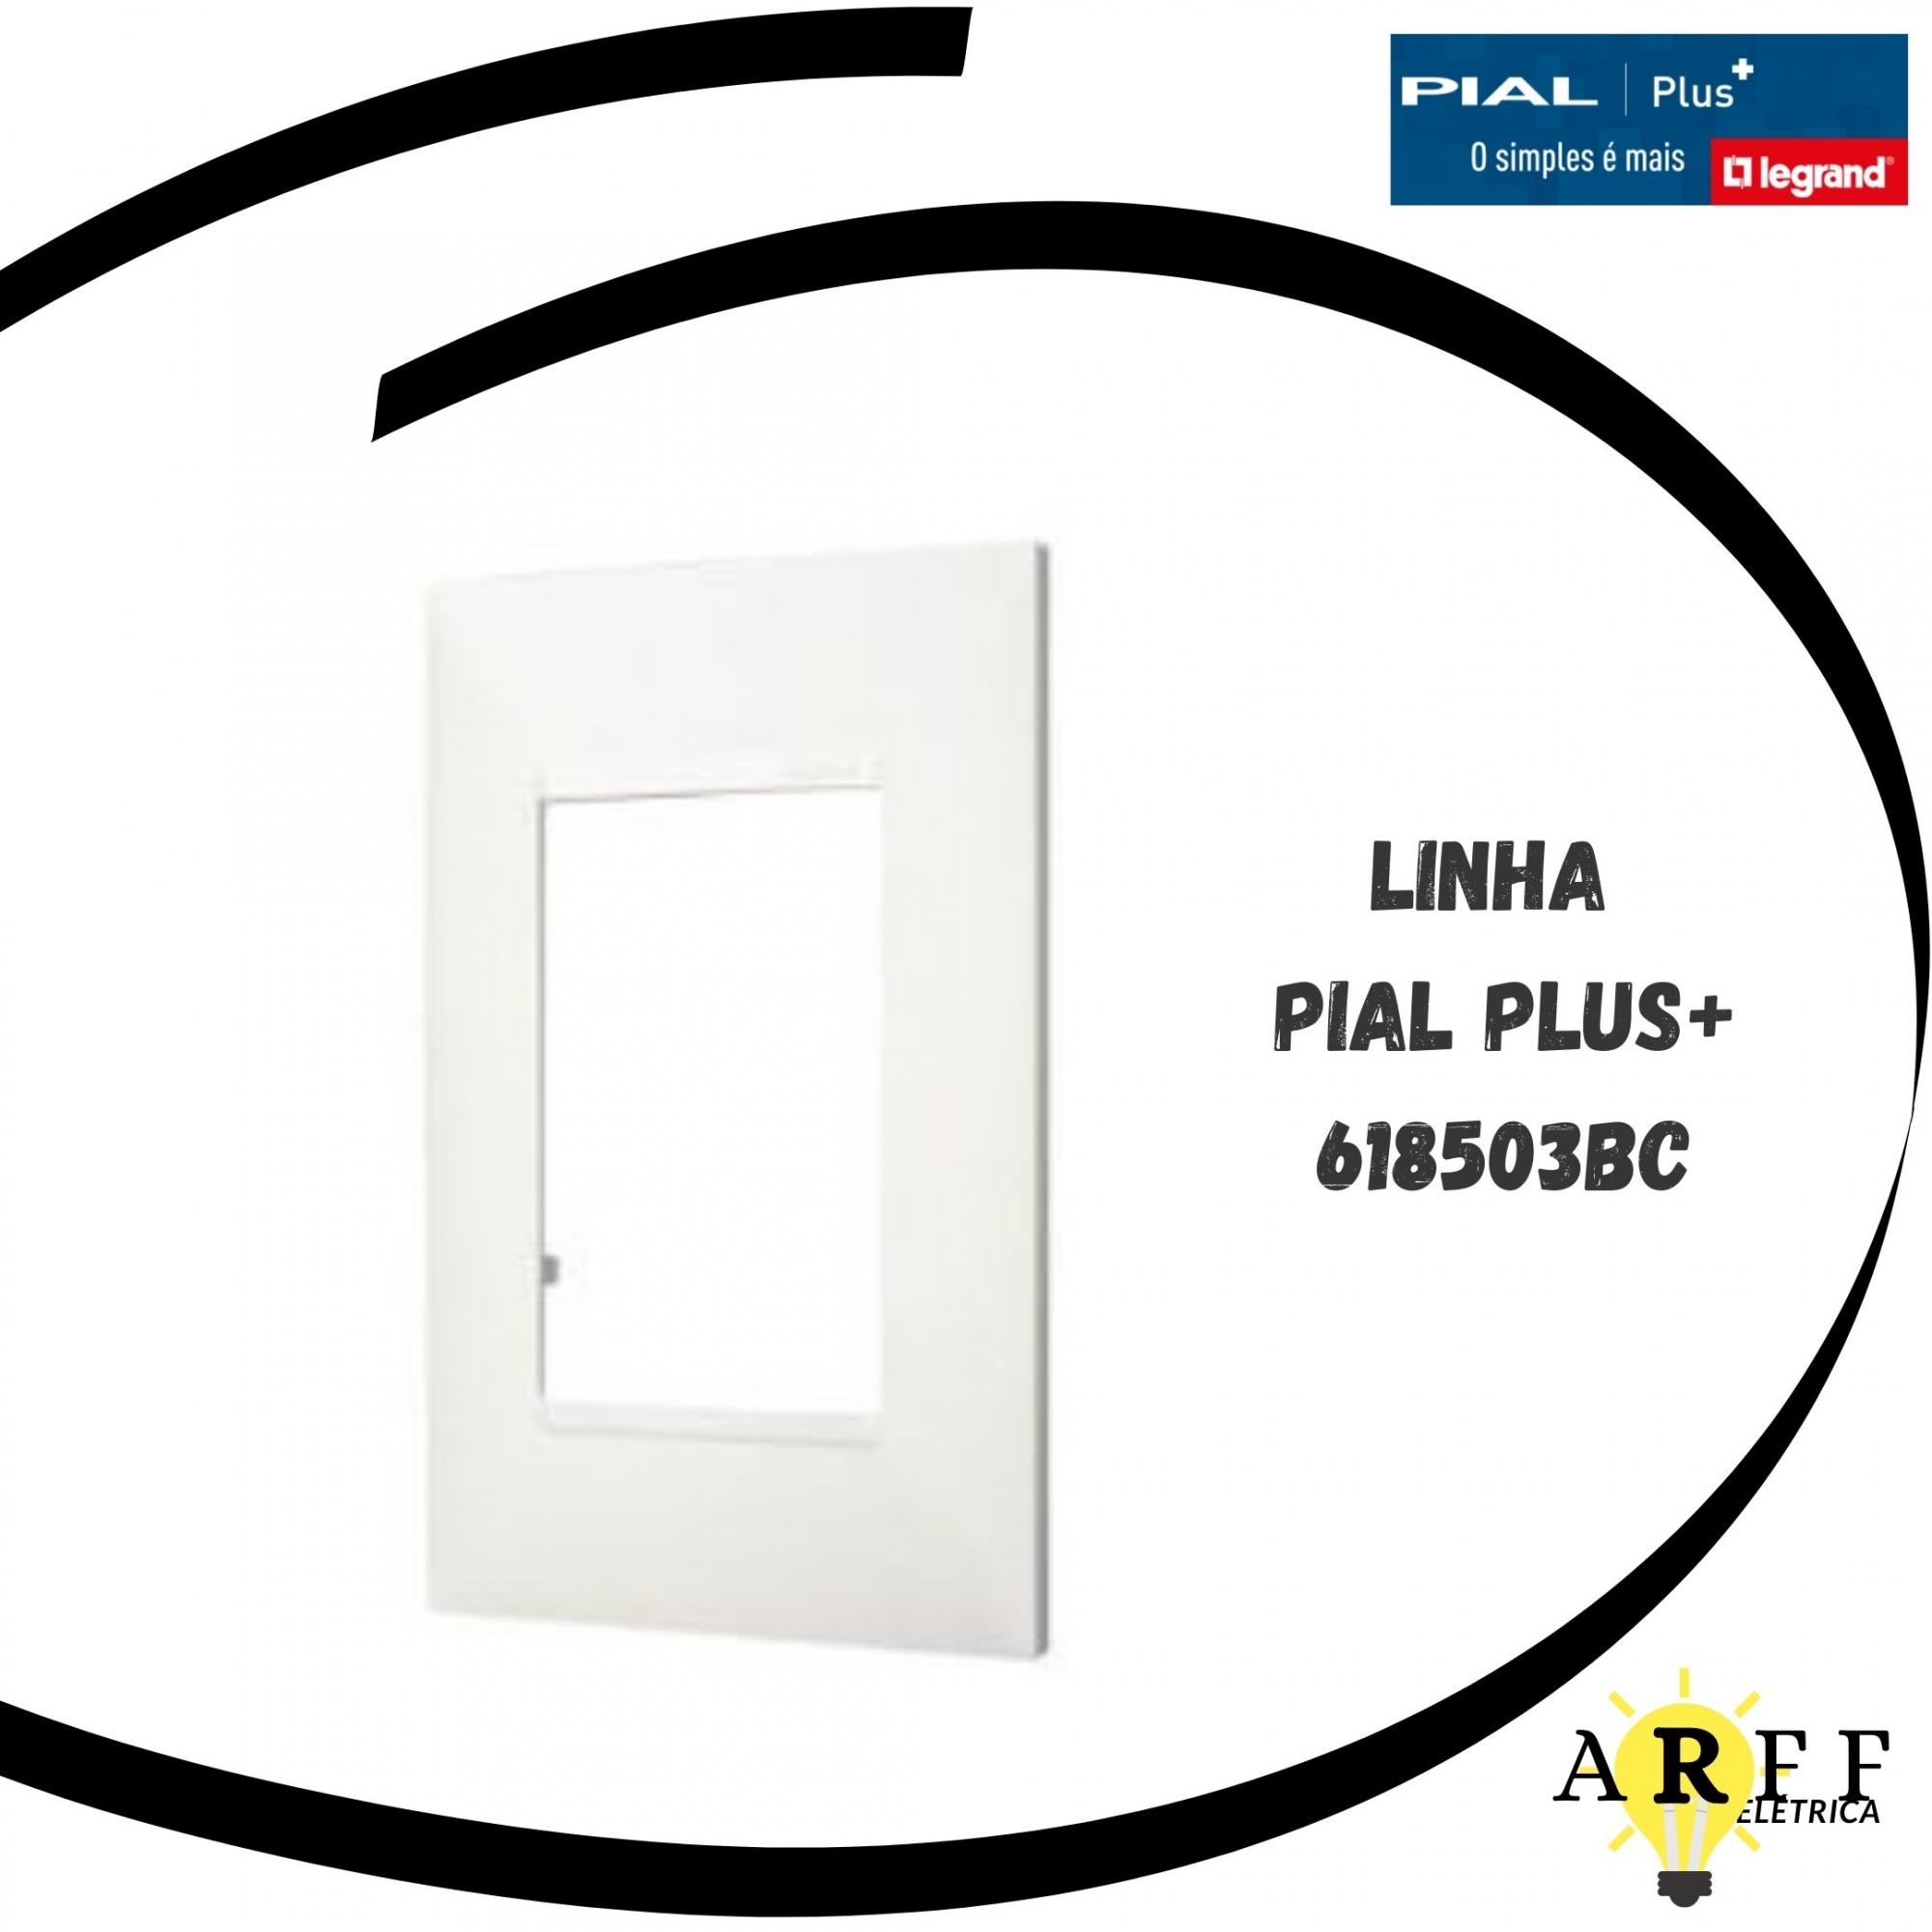 618503BC - PLACA 3POSTO 4X2 PIAL PLUS+